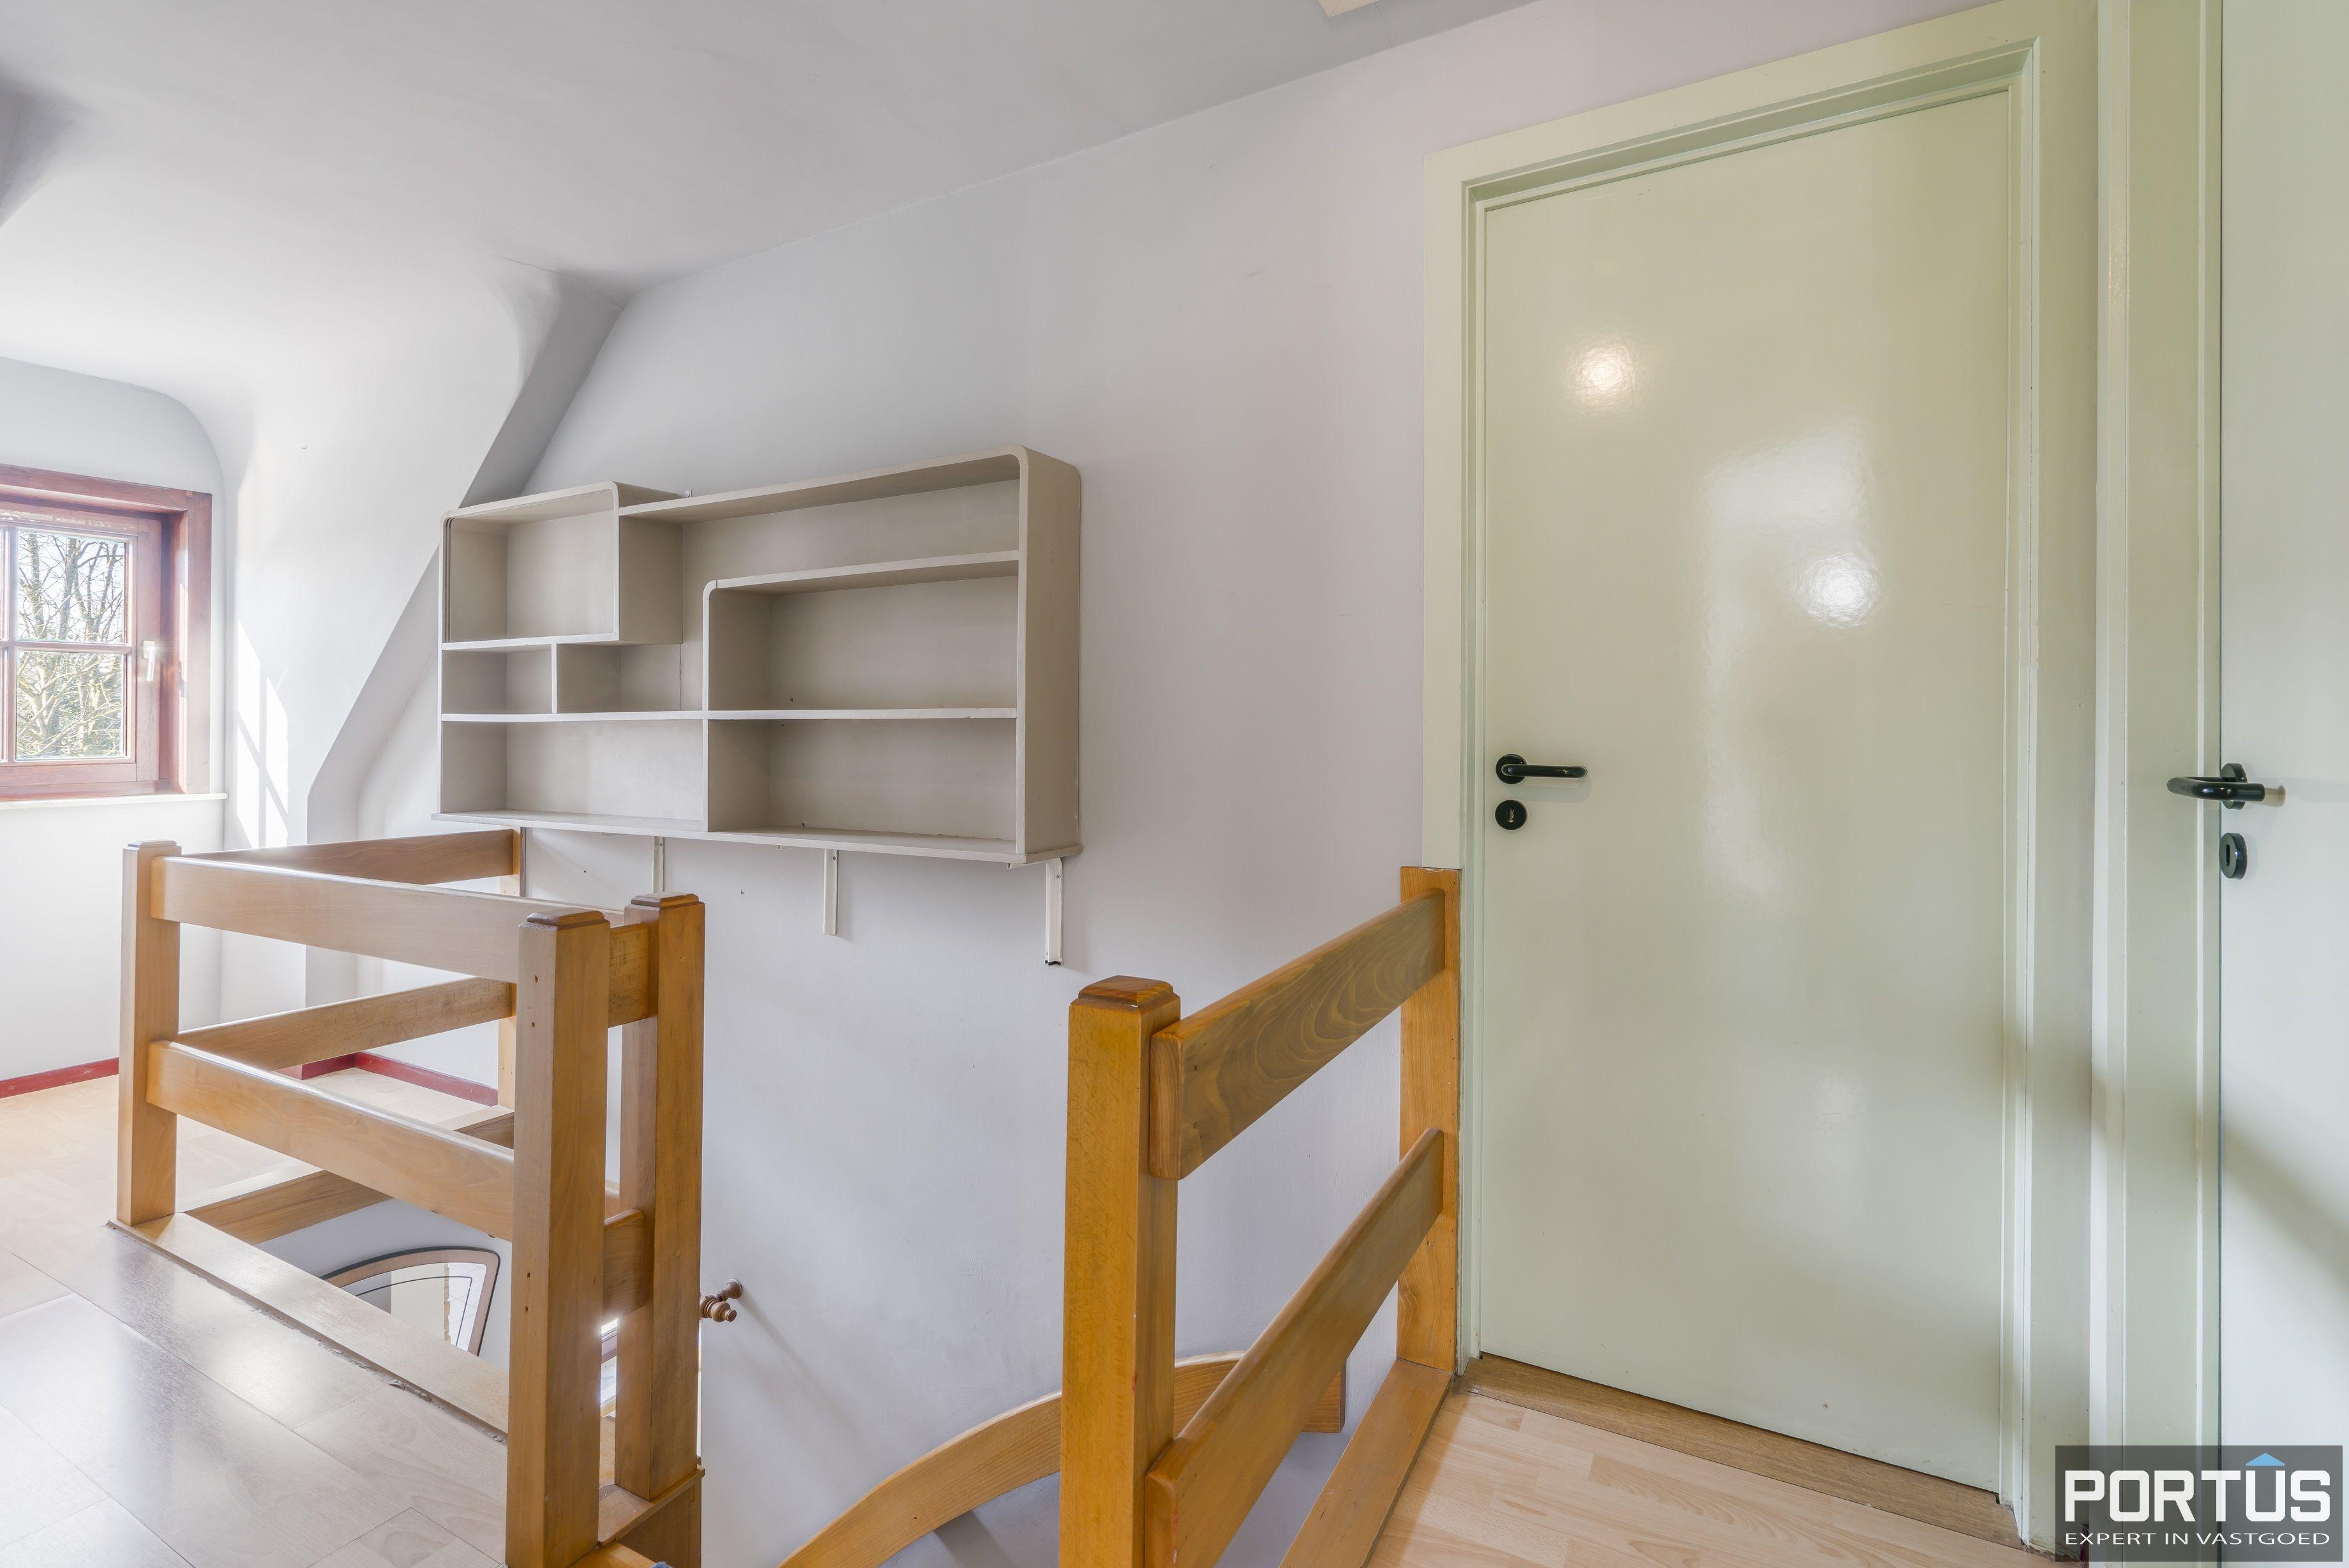 Villa te koop met 3 slaapkamers te Nieuwpoort - 12480